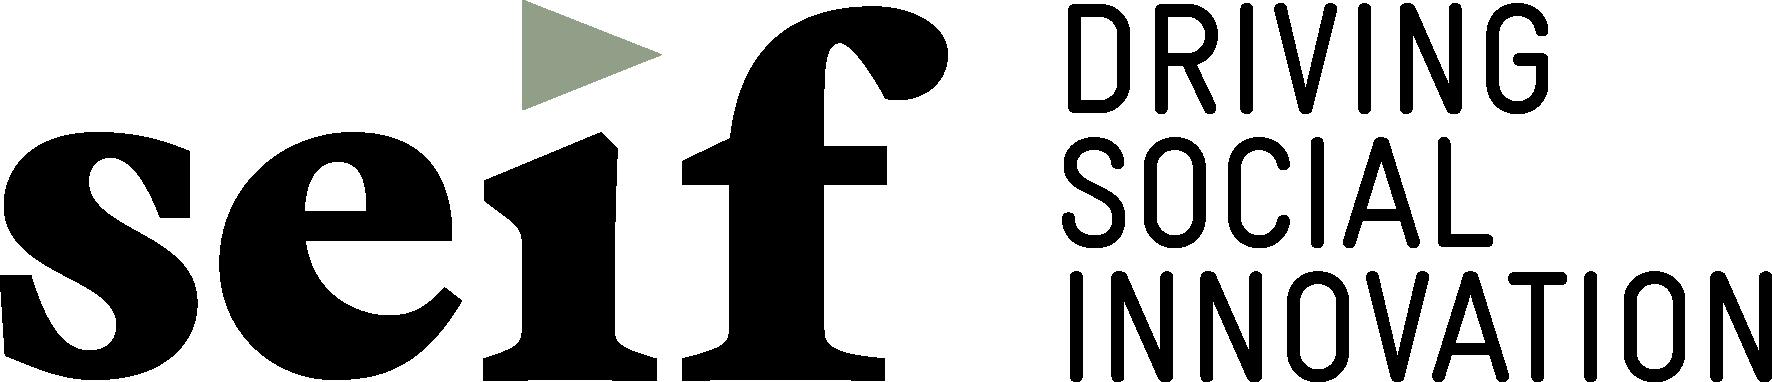 seif_Logo_byline.png